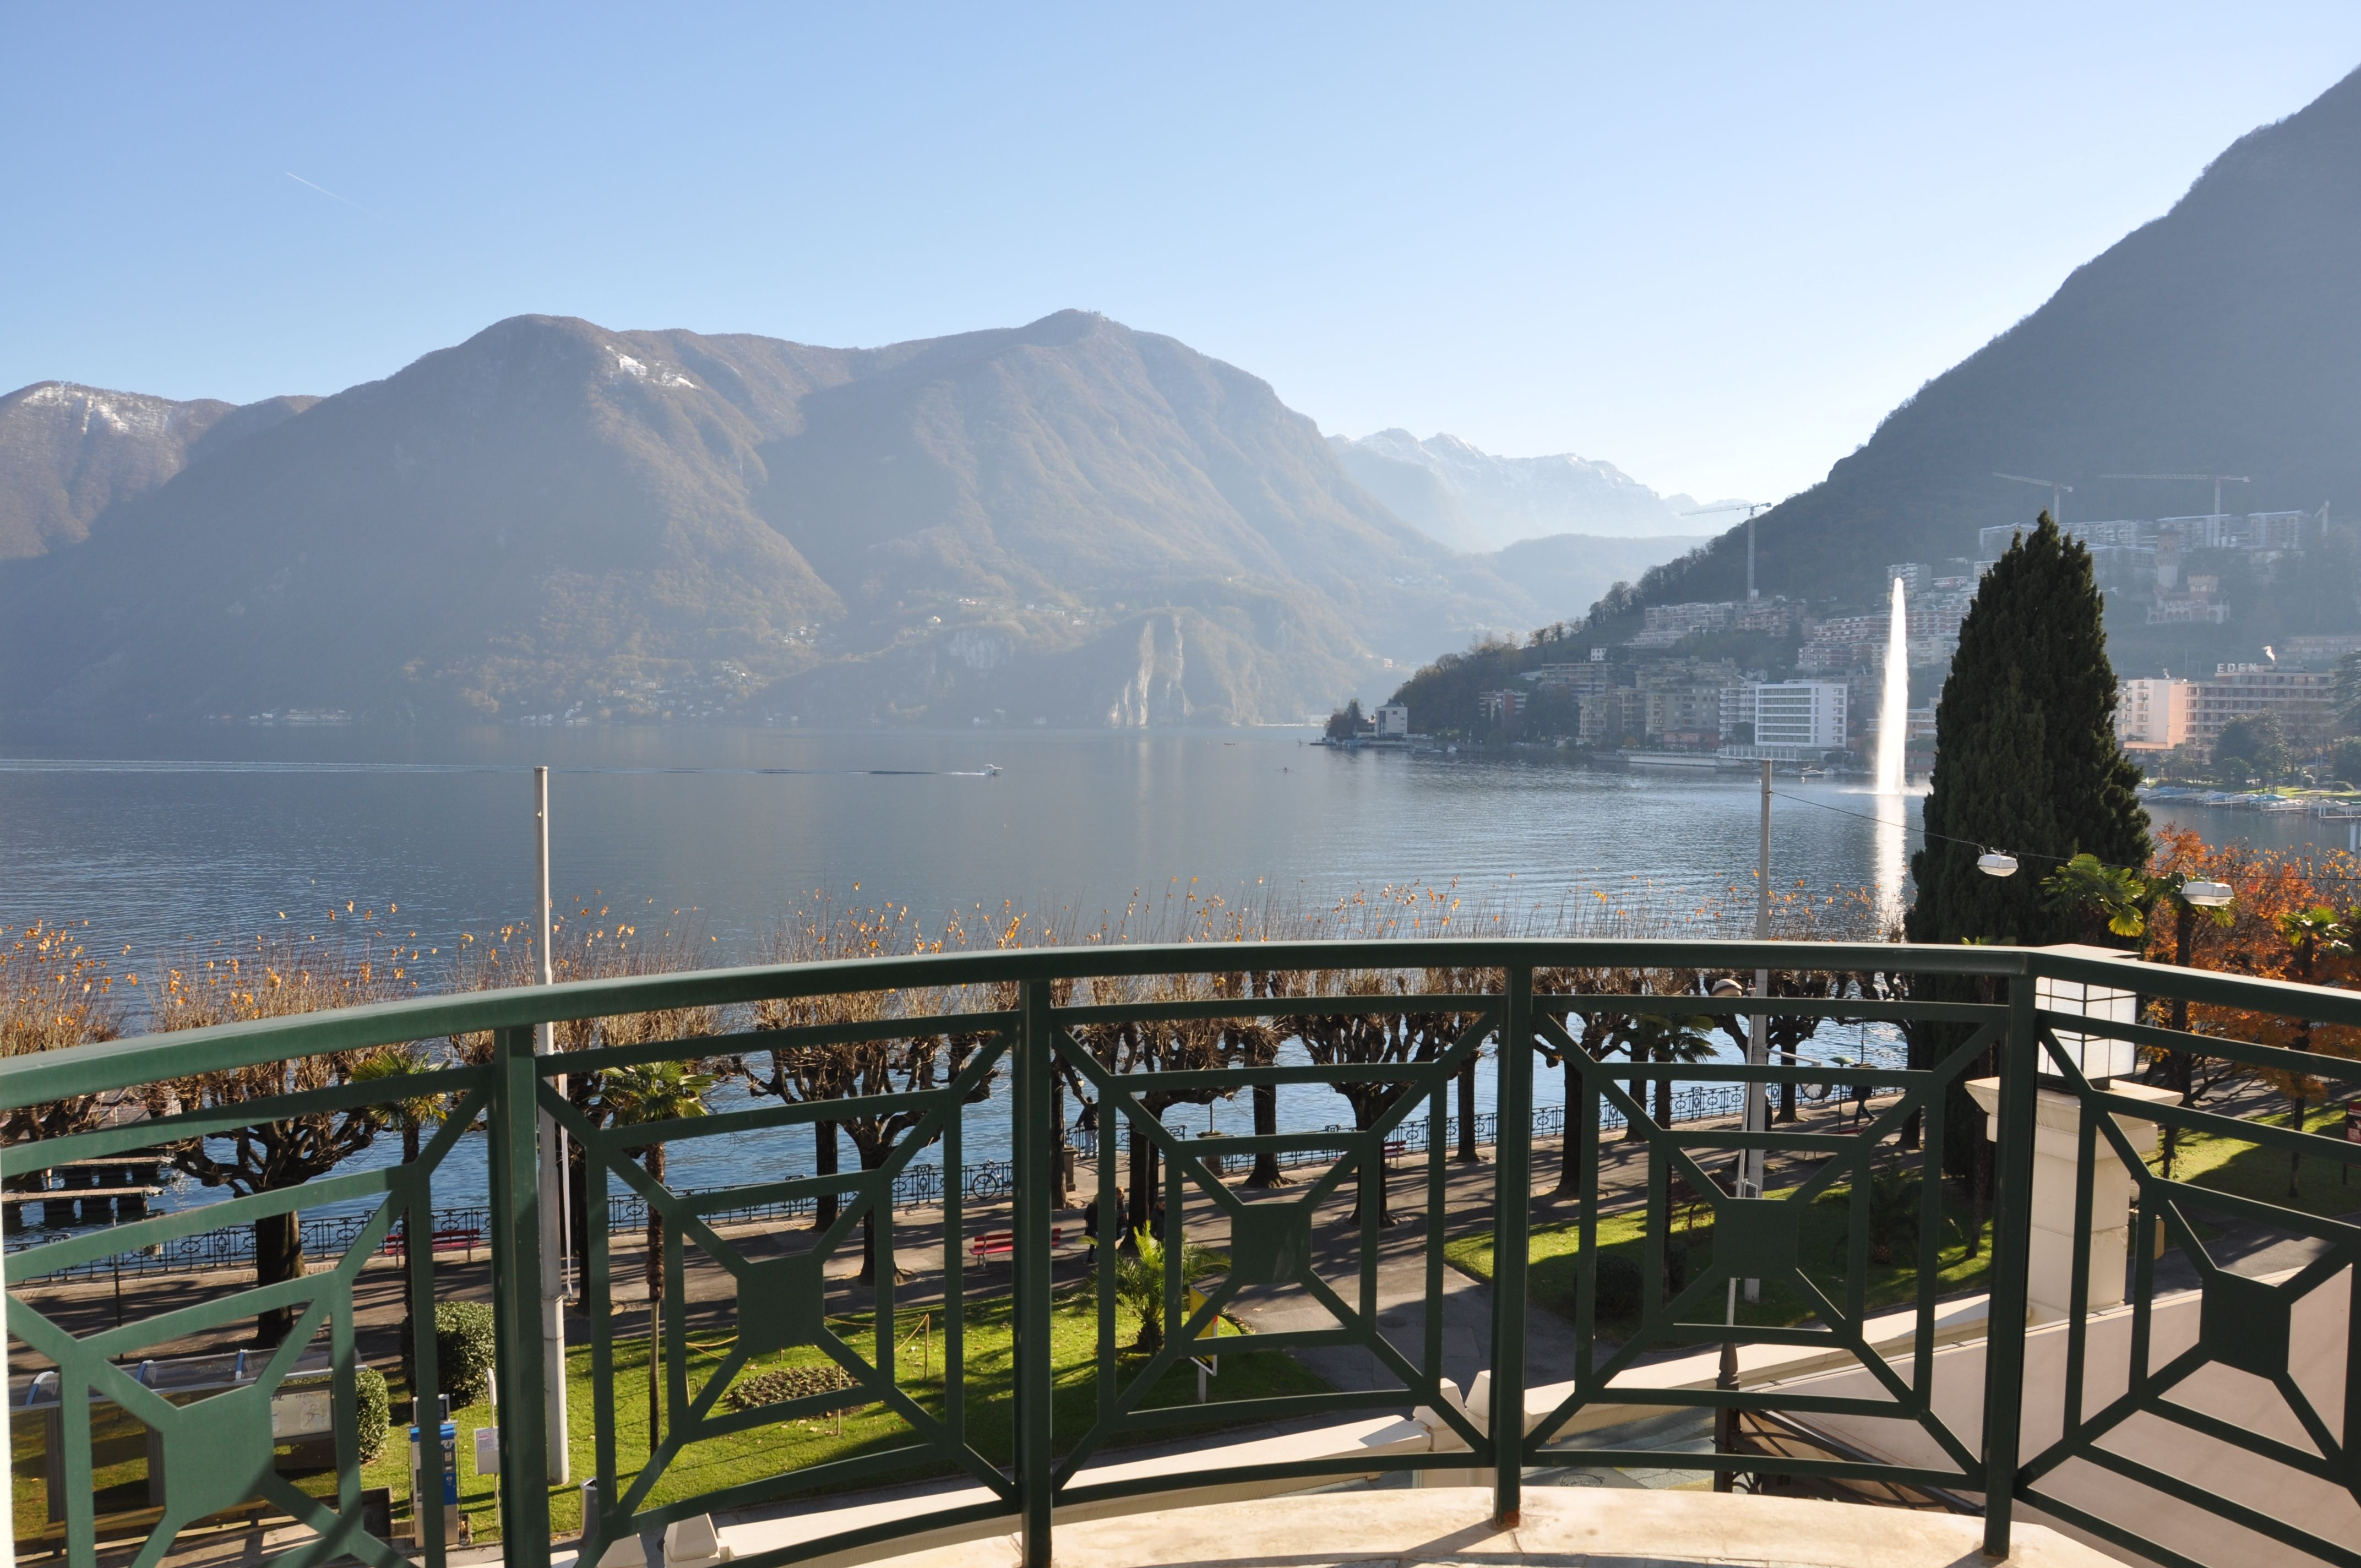 Vista lago di Lugano http://www.newdreams-realestate.com/property/appartamento-di-lusso-nel-centro-di-lugano/